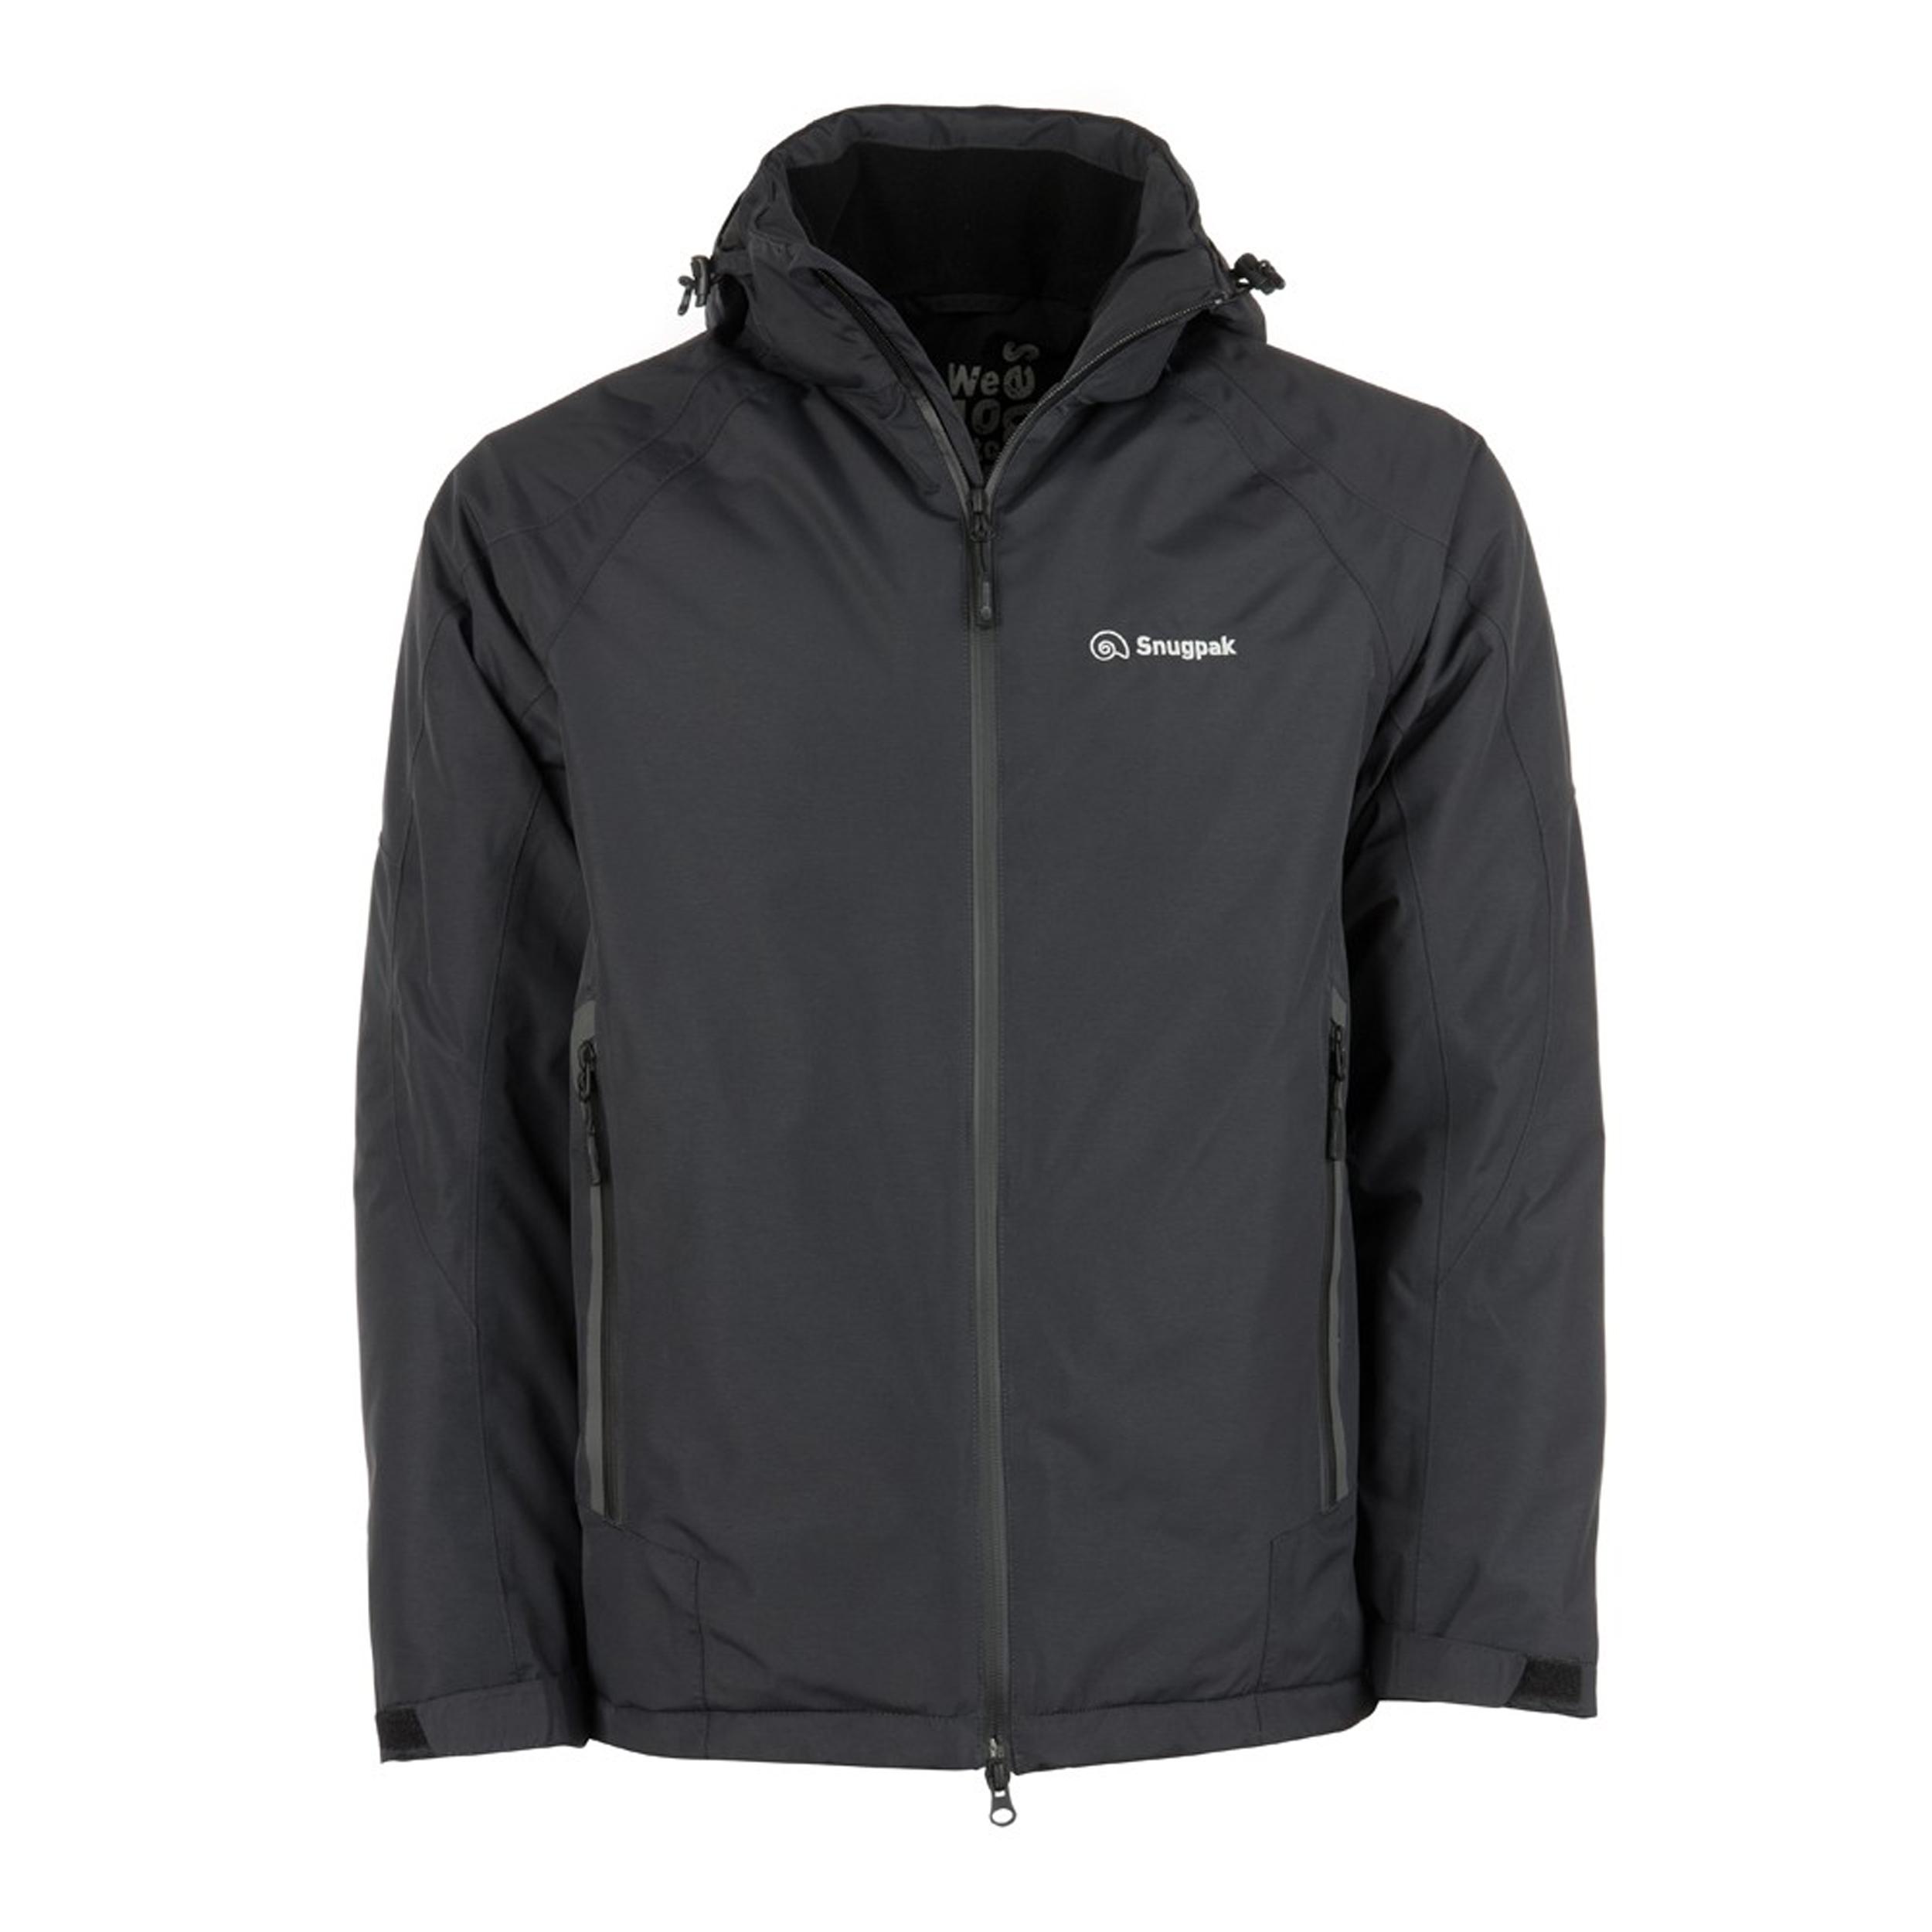 Snugpak Torrent Waterproof Jacket Black MD